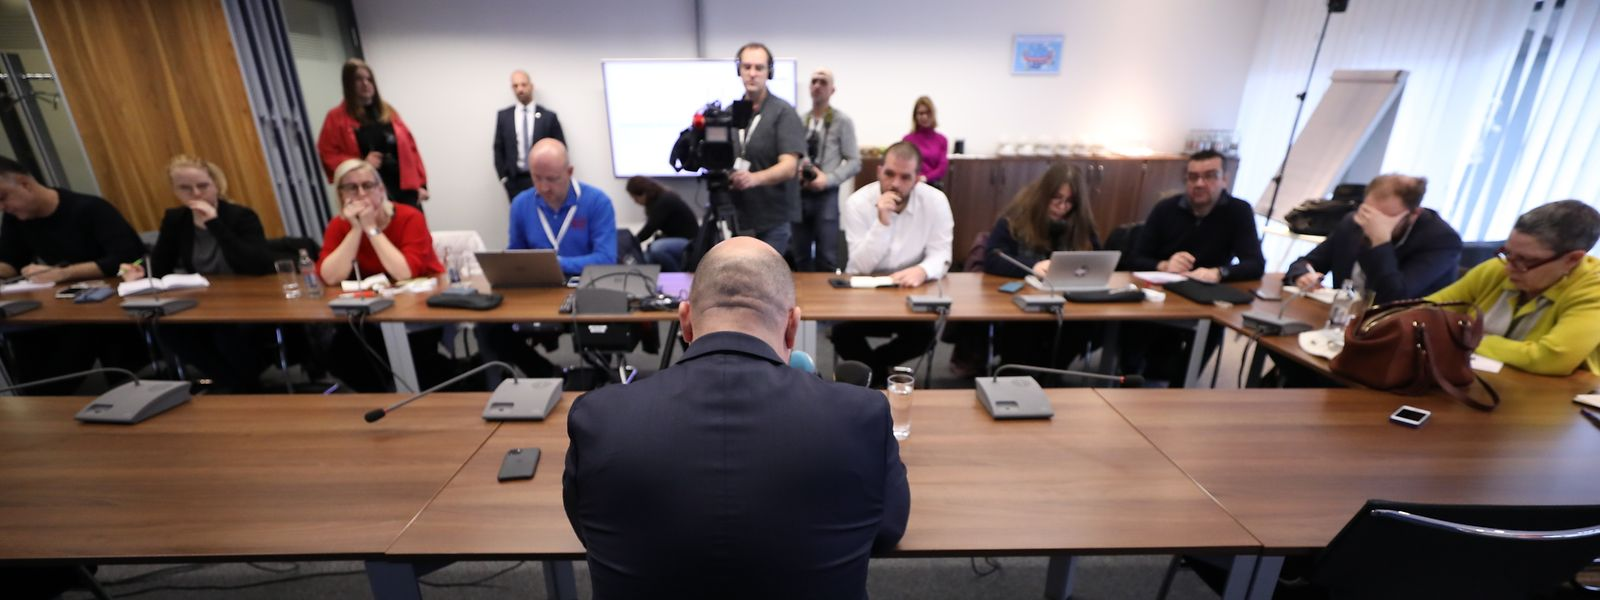 Etienne Schneider a donné une conférence de presse sur sa démission lundi matin.